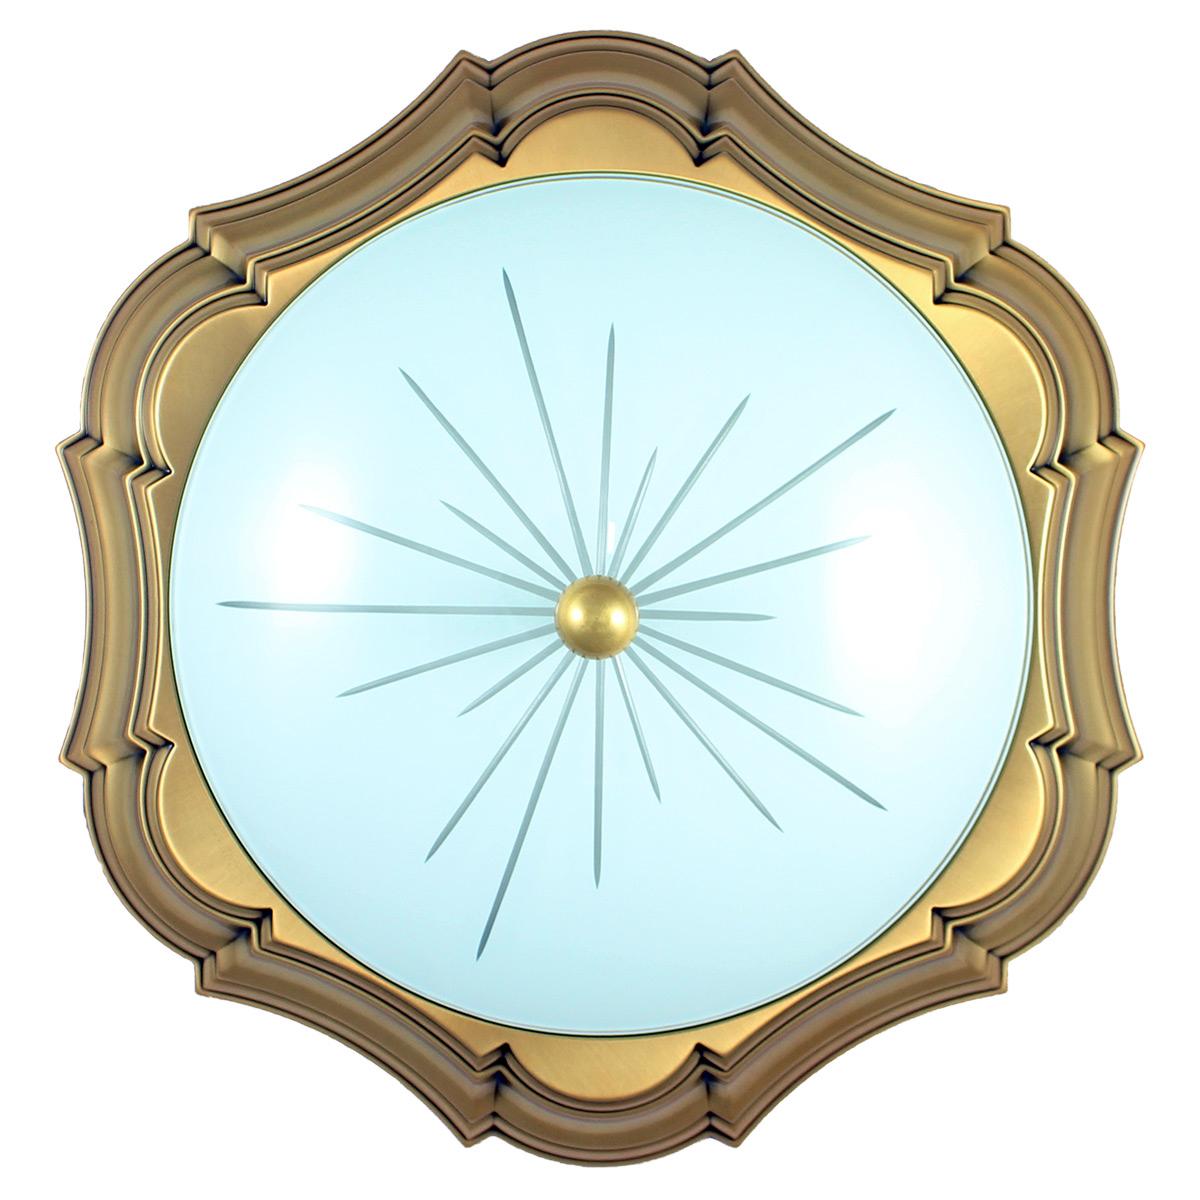 Immagine di Plafoniera in bronzo - Stile classico - Diametro 40,5 cm